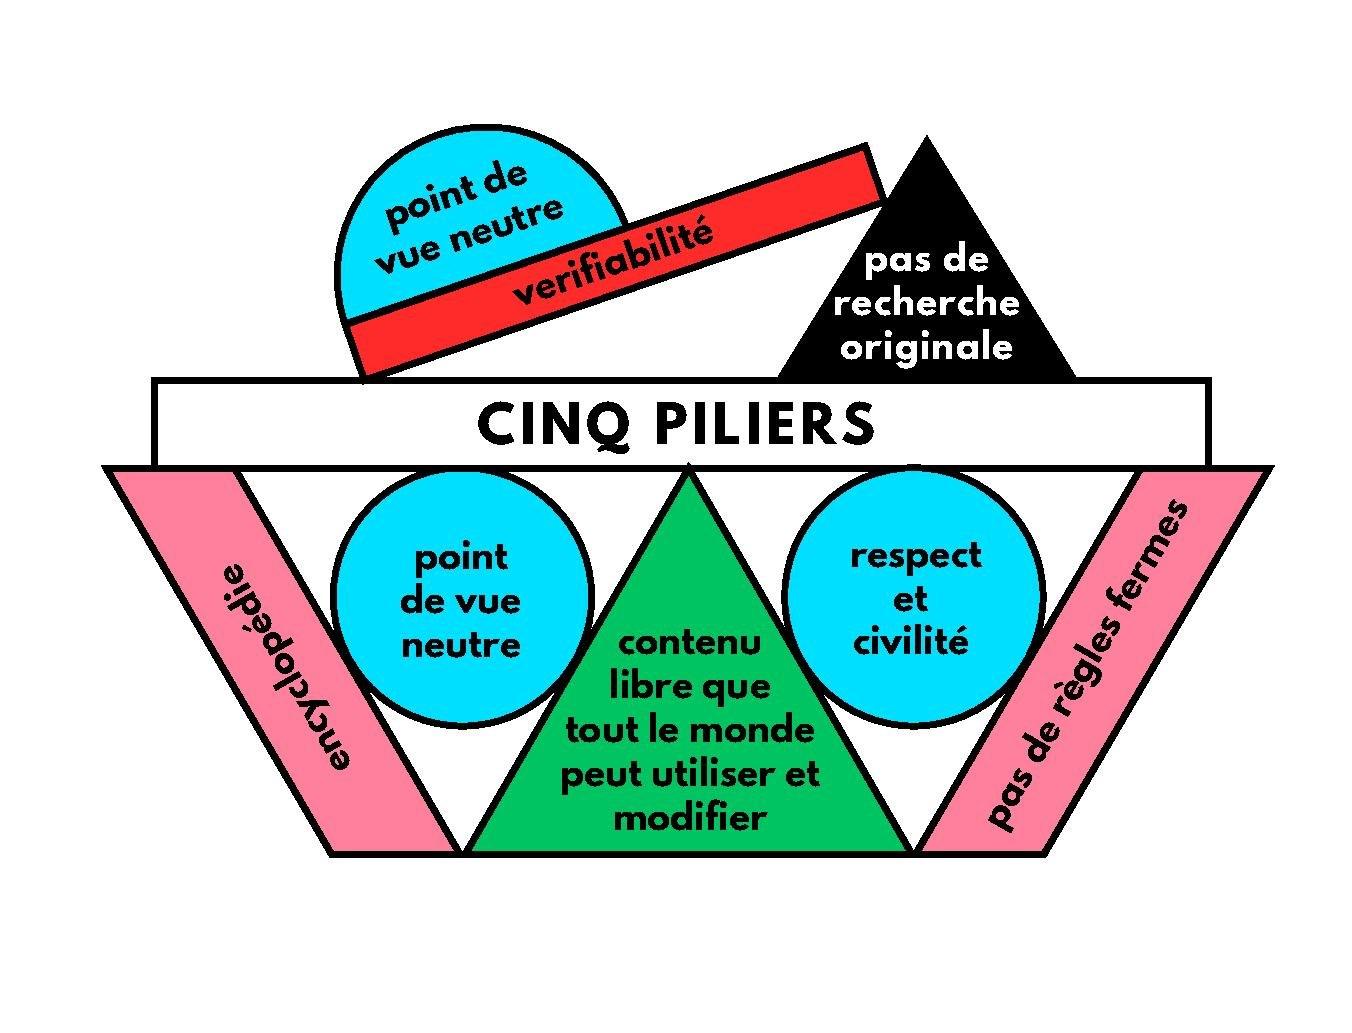 Les cinq piliers de Wikipédia